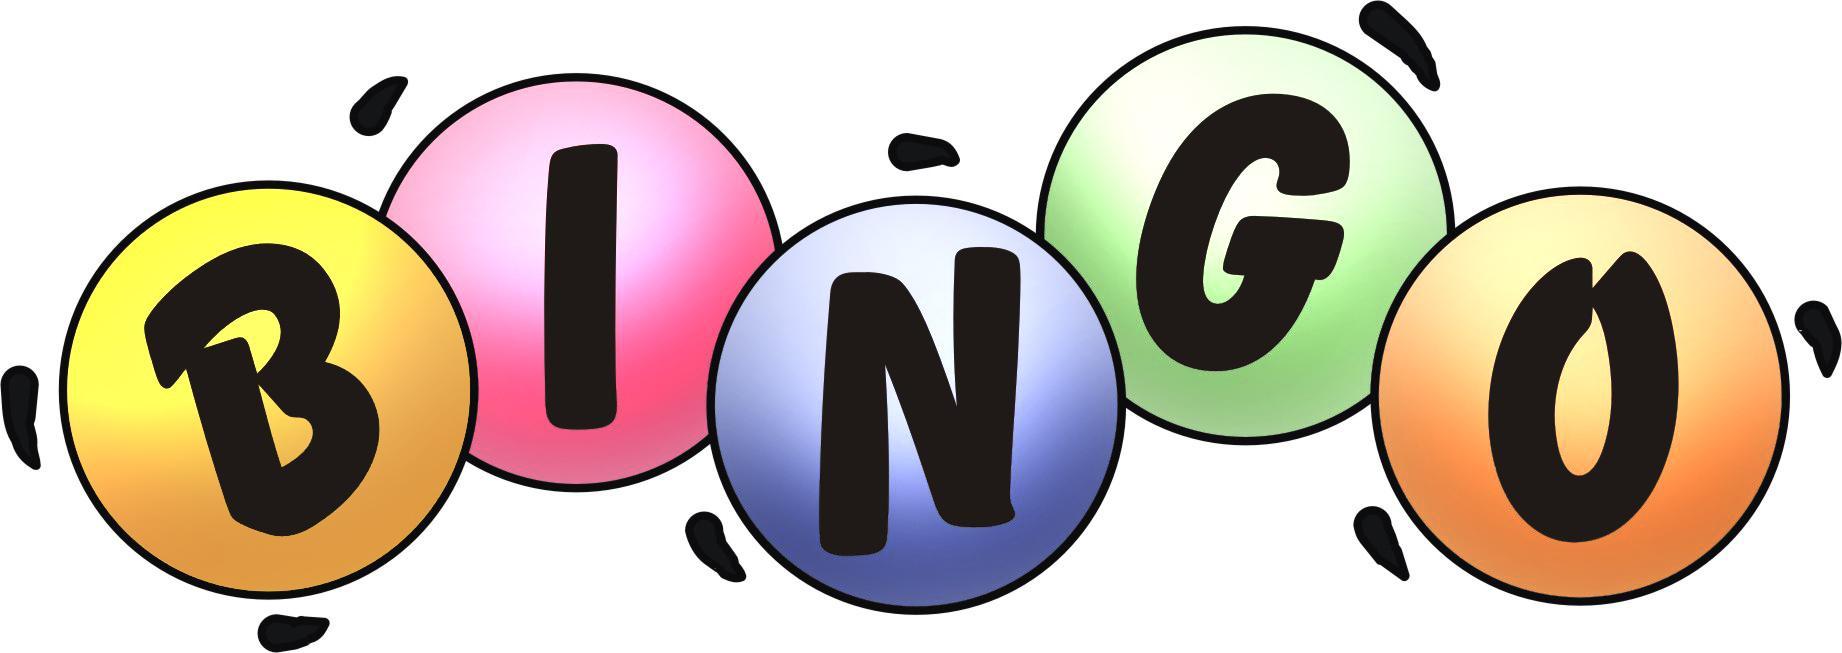 new bingo site